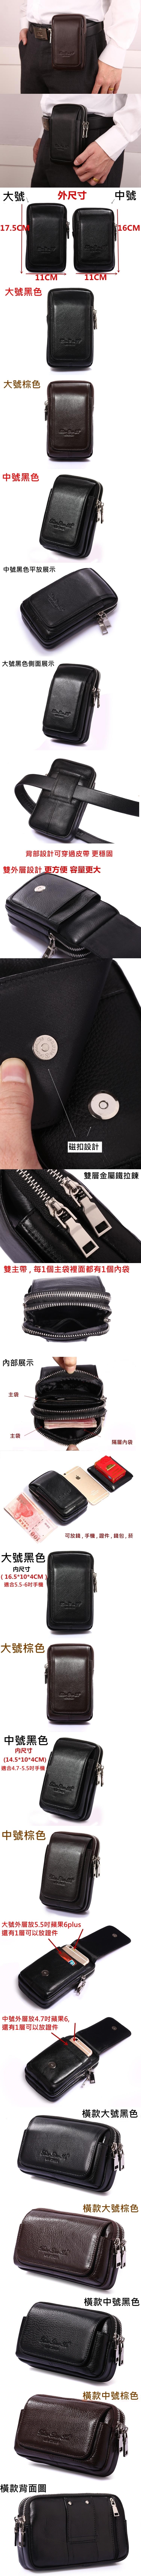 【限時特賣倒數2天】真皮頭層牛皮腰掛可裝6吋手機男士皮夾皮包手機包腰包男包【LB154】